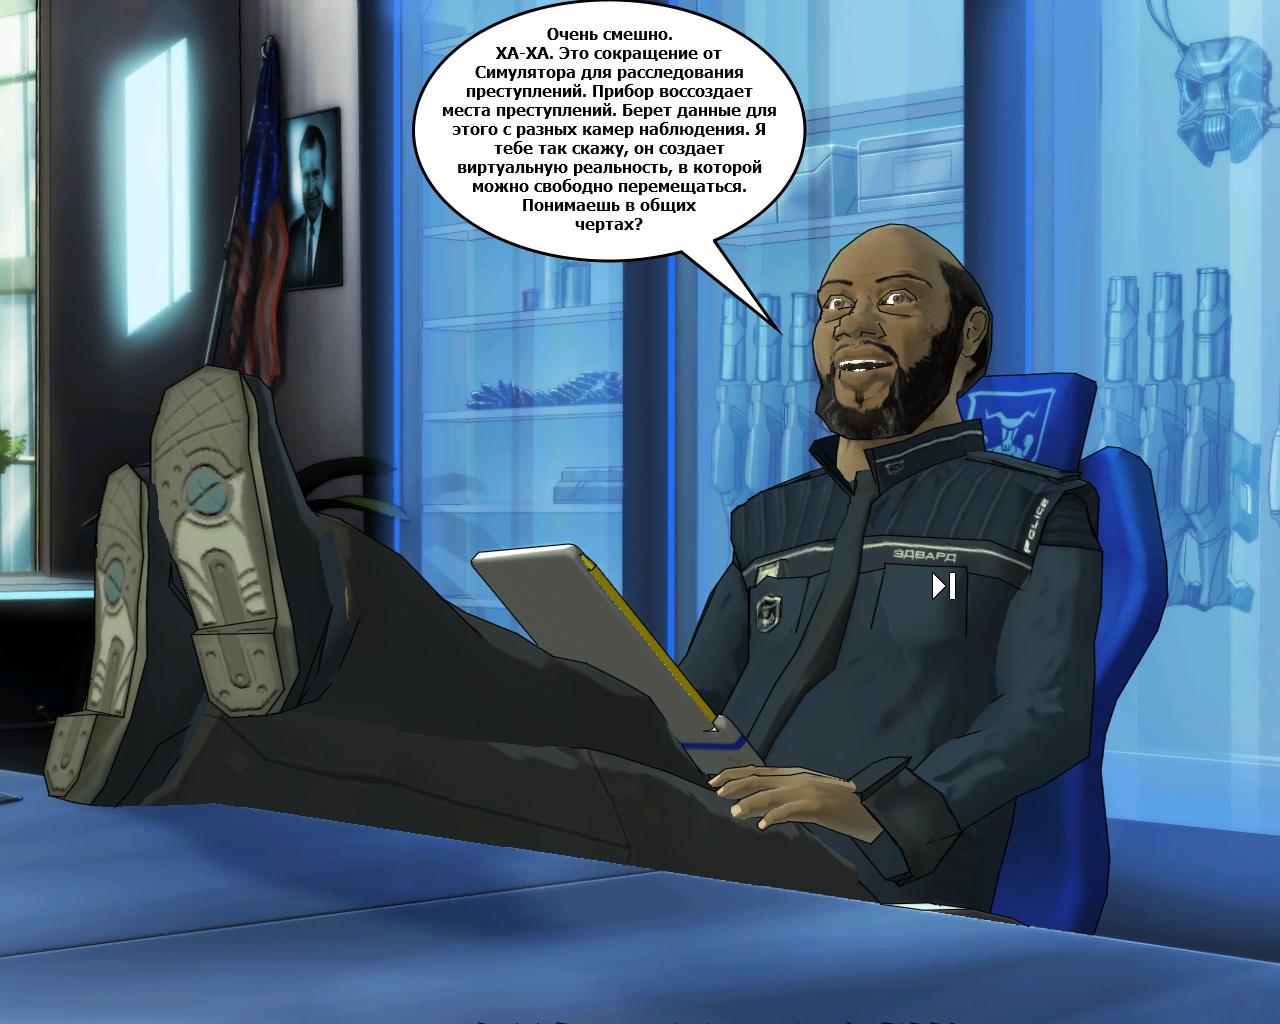 Goin' Downtown - Эдвард рассказывает про СИМ и его назначение (уровень 3)